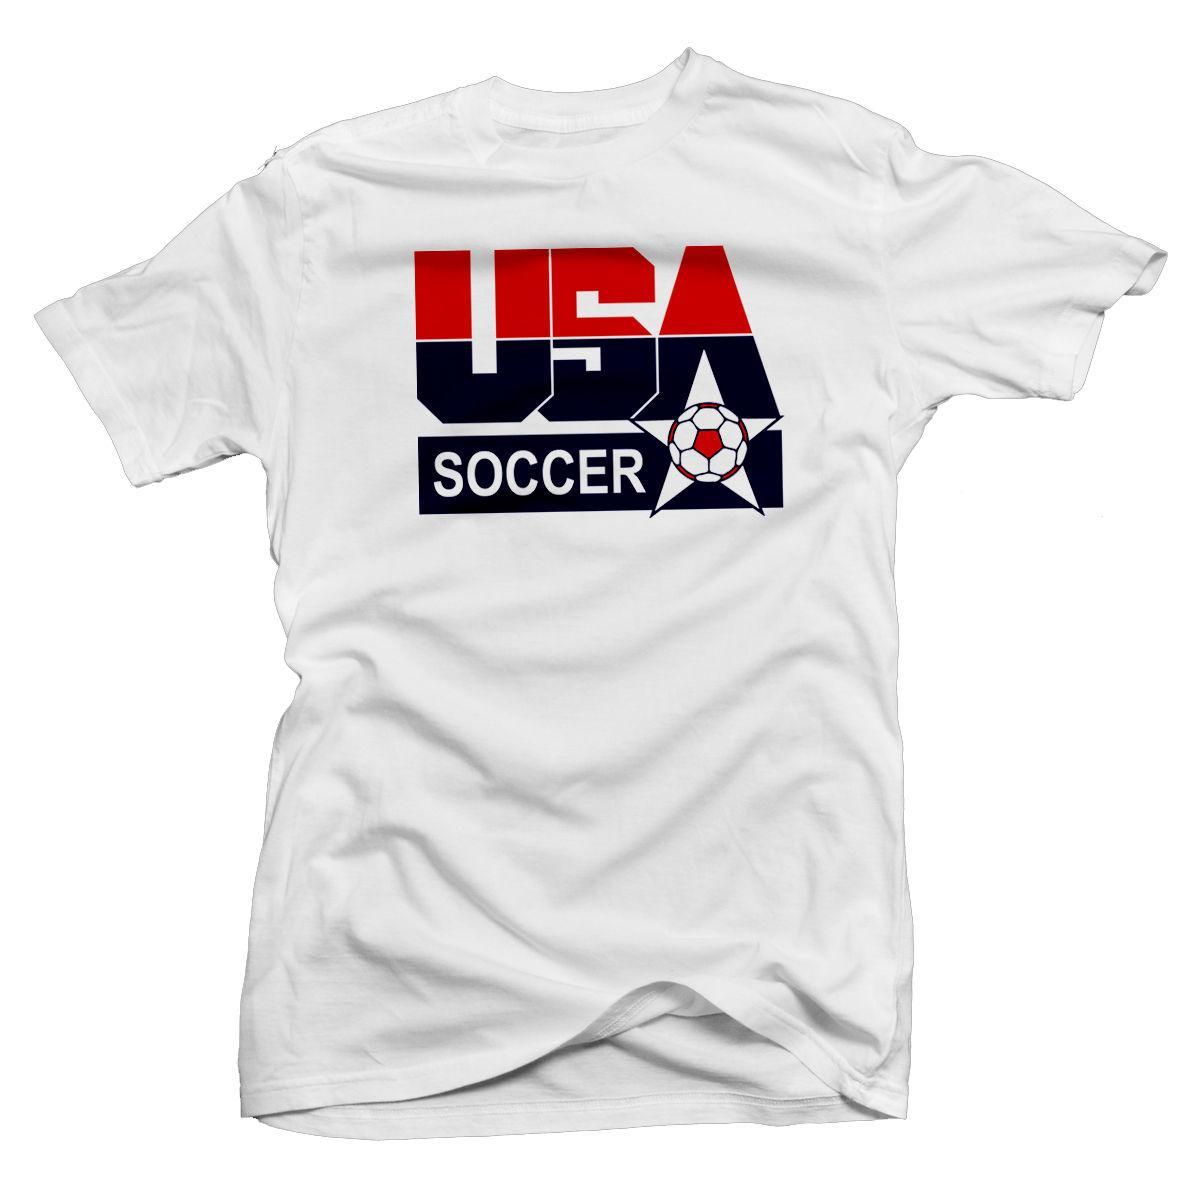 7eed69fc8 Compre Foureleven Dos Homens Eua Retro Futebol Logotipo Tee Engraçado Marca  T Shirt Homens 2018 Nova Moda Impresso Na Moda Rodada De Chanelteeshirt